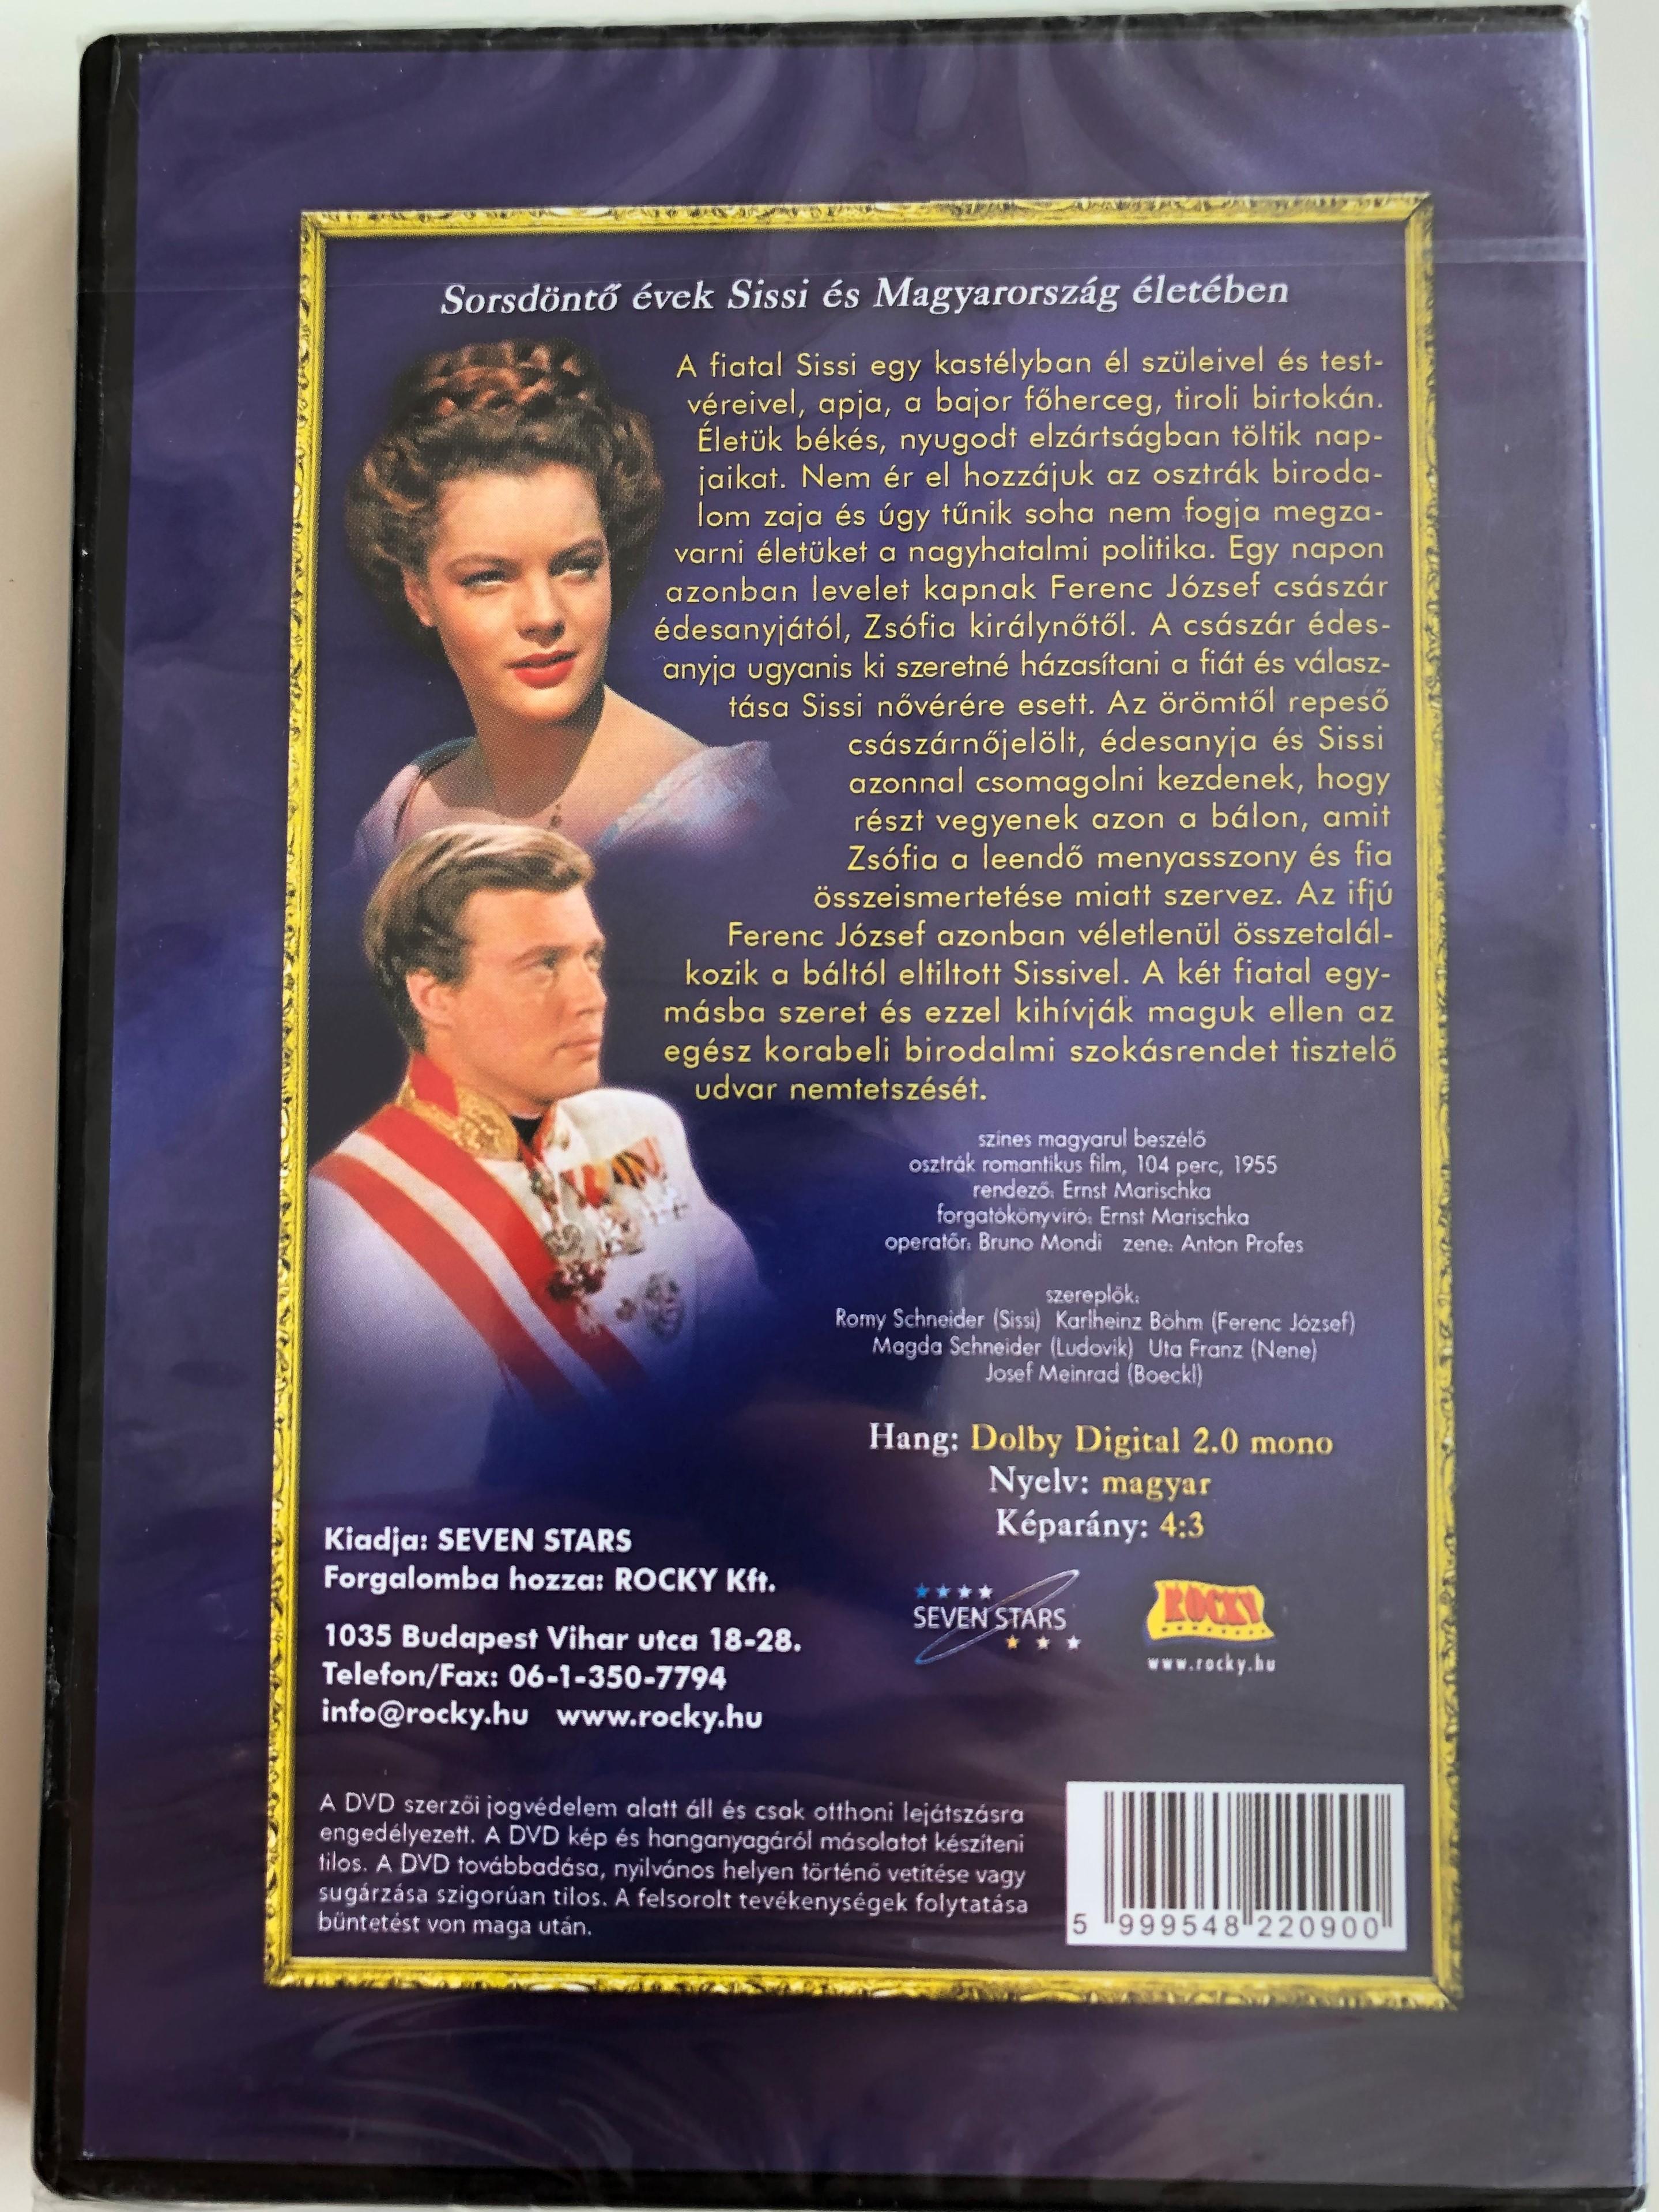 sissi-3.-sorsd-nt-vek-dvd-1957-sissi-schicksalsjahre-einer-kaiserin-2.jpg